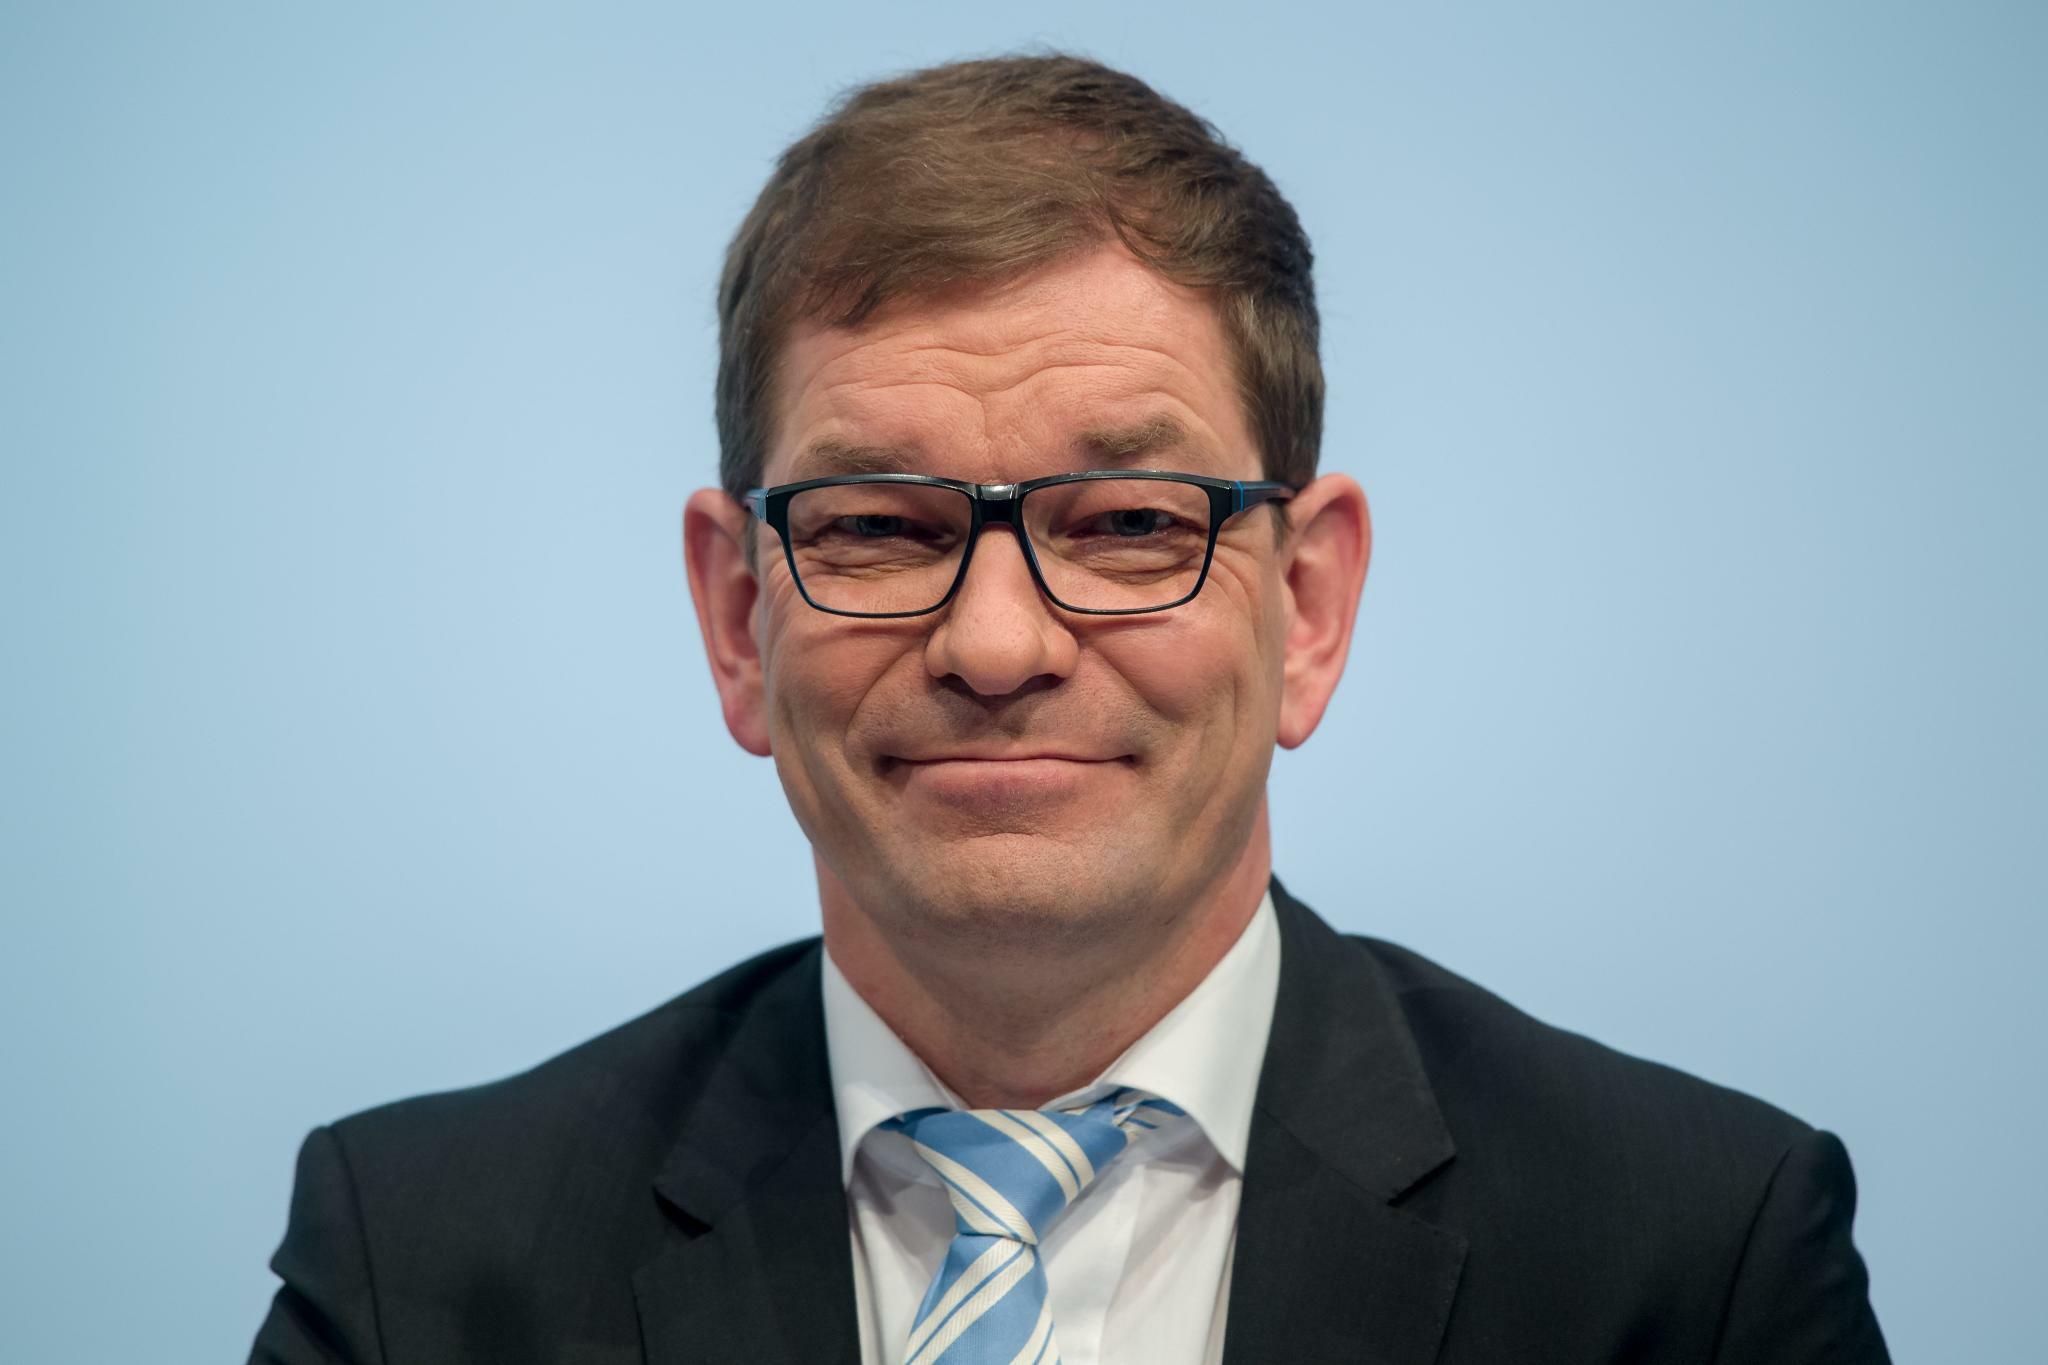 Markus Duesmann: Der neue Chef muss Audi ganz neu aufstellen